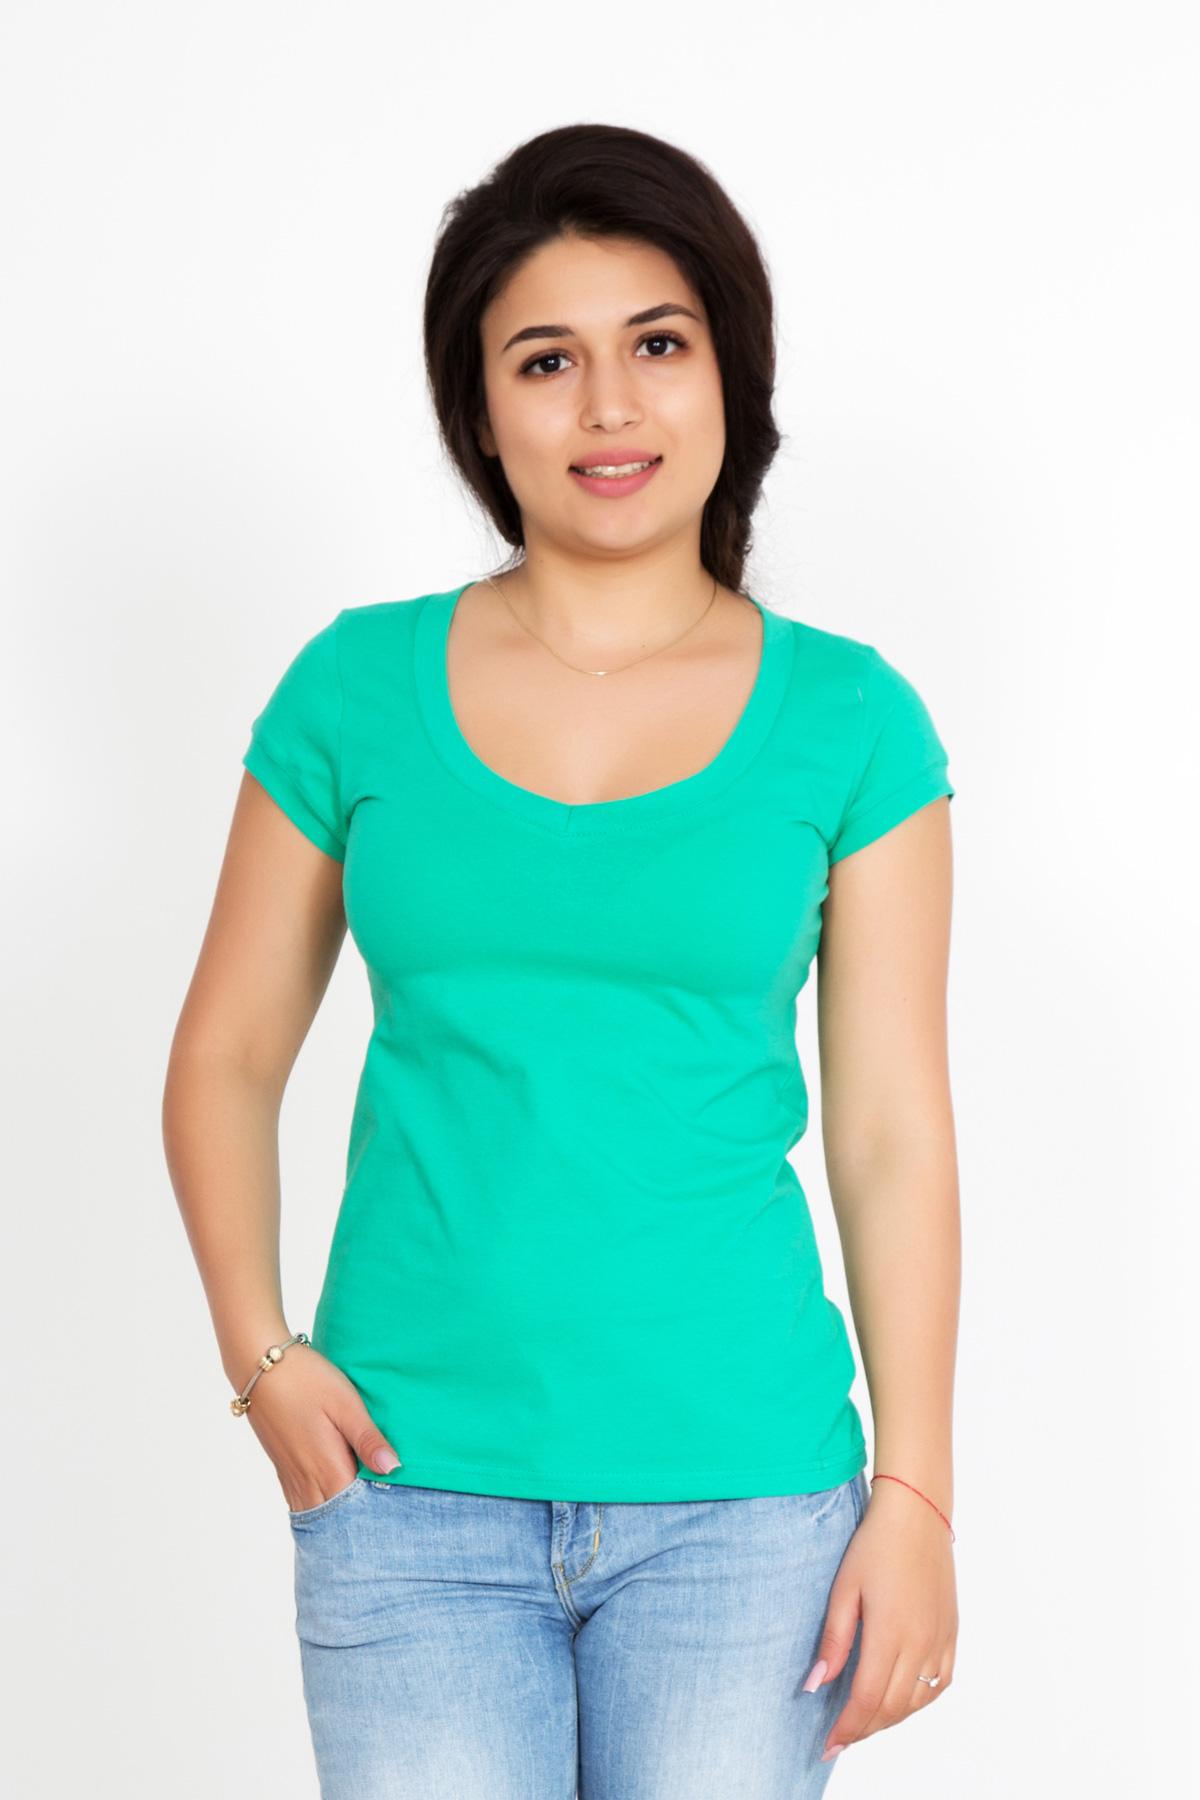 Жен. футболка Лиза Ментоловый р. 58Майки и футболки<br>Факт. ОГ: 108 см <br>Факт. ОТ: 102 см <br>Факт. ОБ: 112 см <br>Длина по спинке: 65 см<br><br>Тип: Жен. футболка<br>Размер: 58<br>Материал: Фулайкра